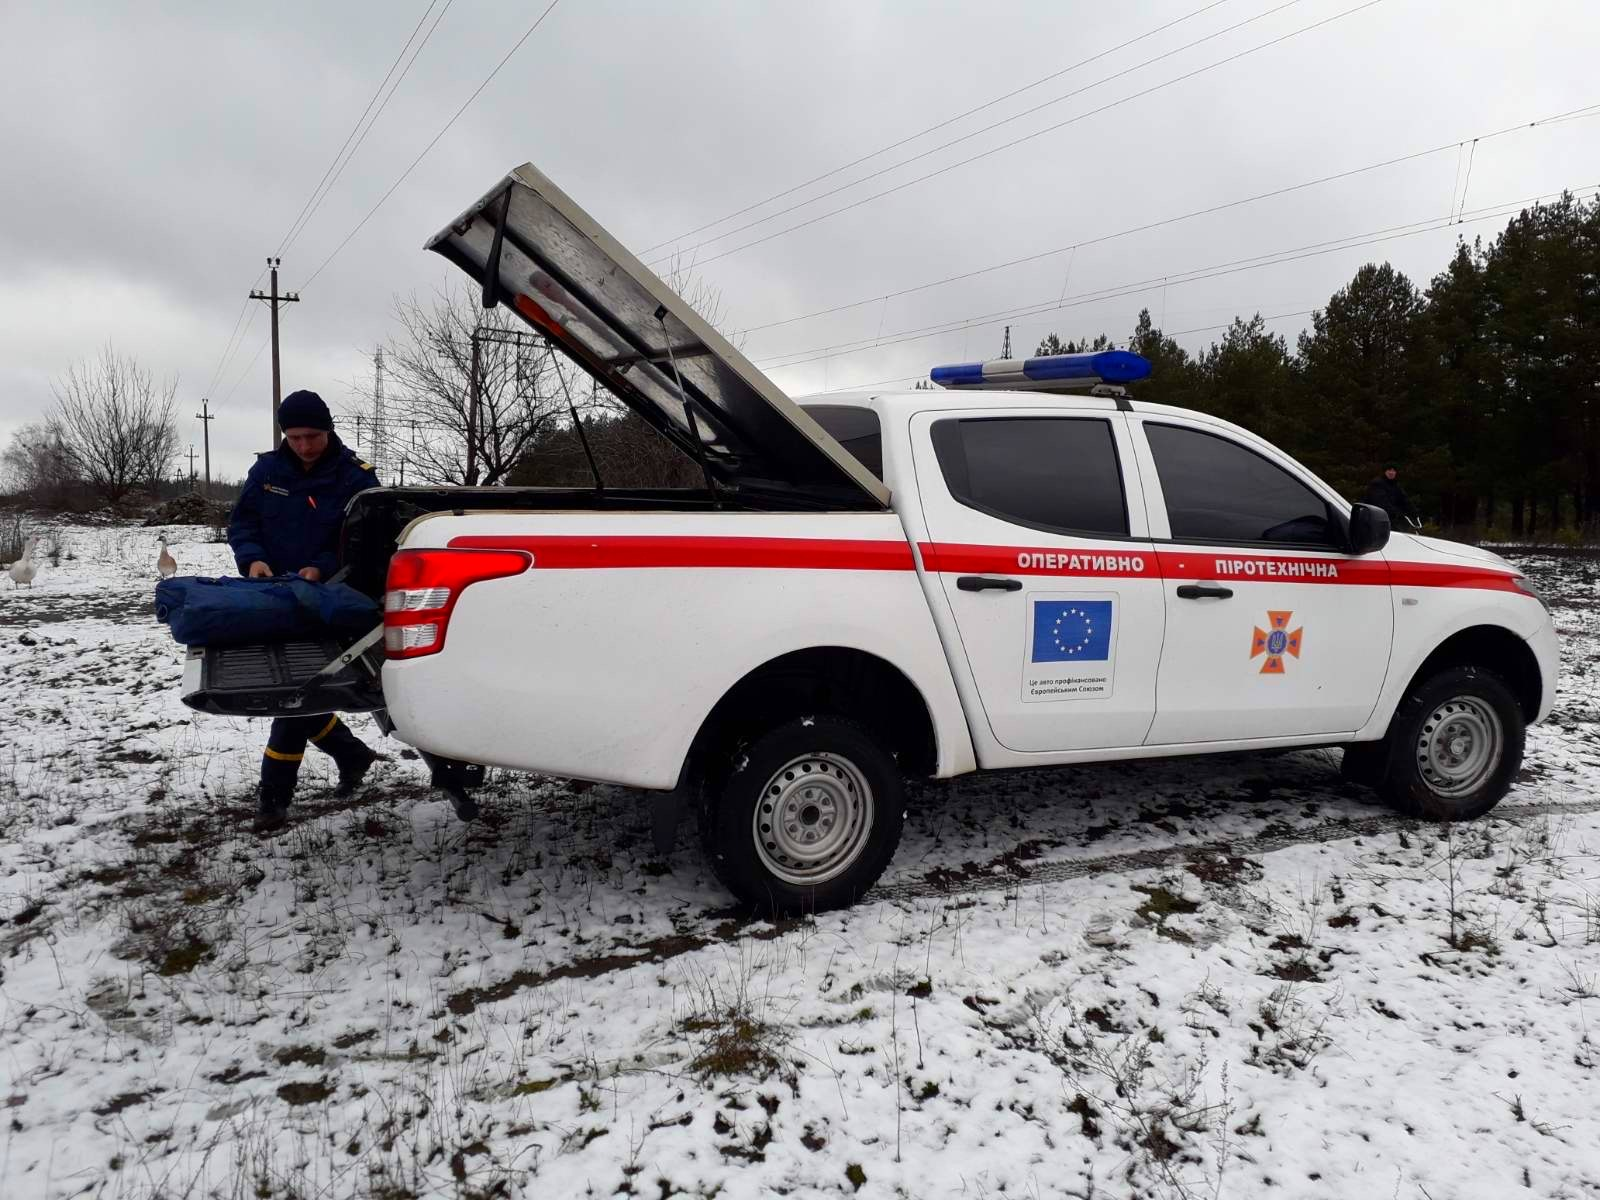 01-3 На Бородянщині поблизу житлового сектору знайшли артилерійський снаряд